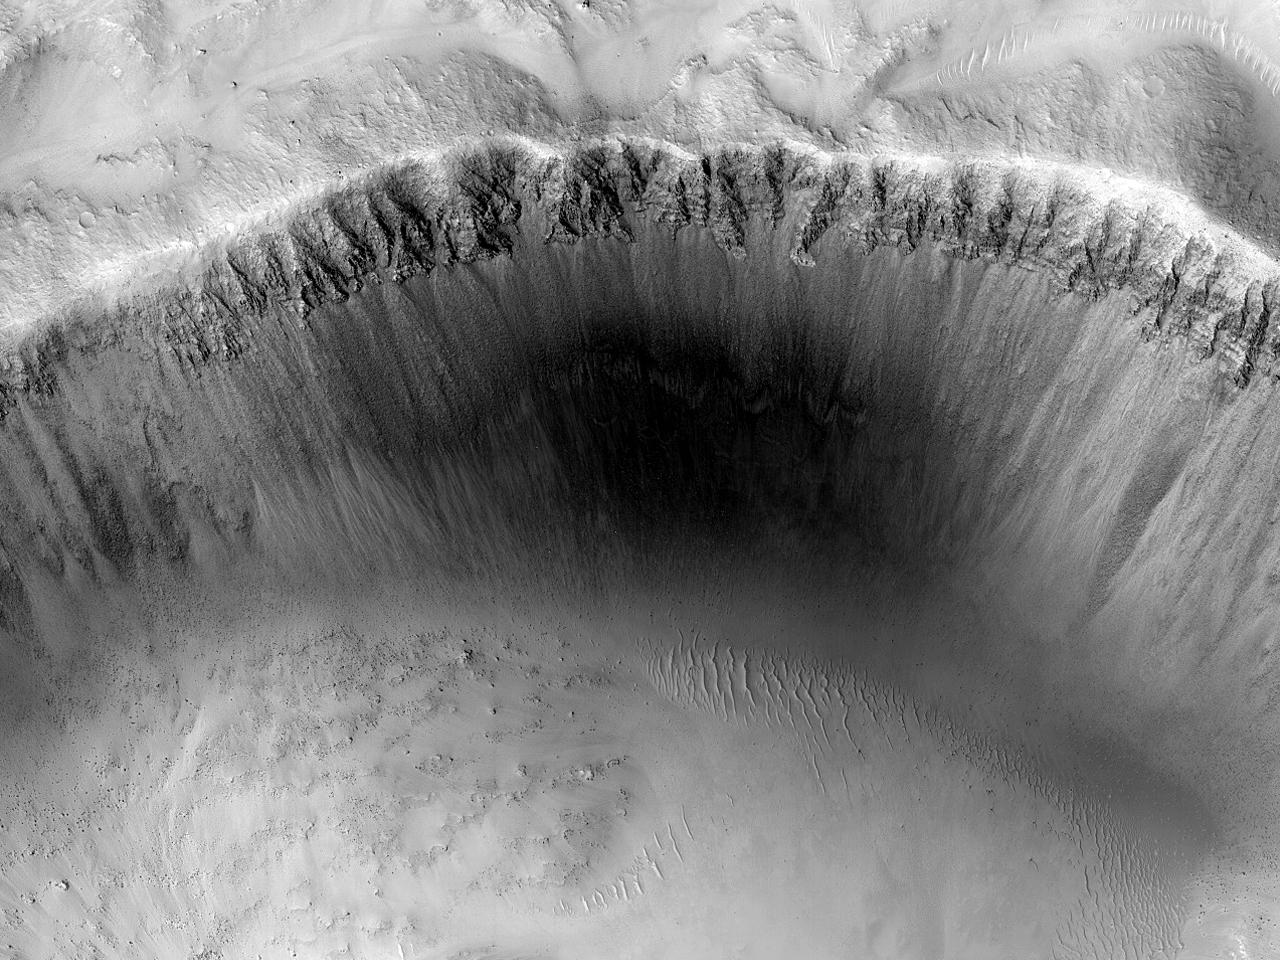 Крутой склон кратера на равнине Isidis Planitia